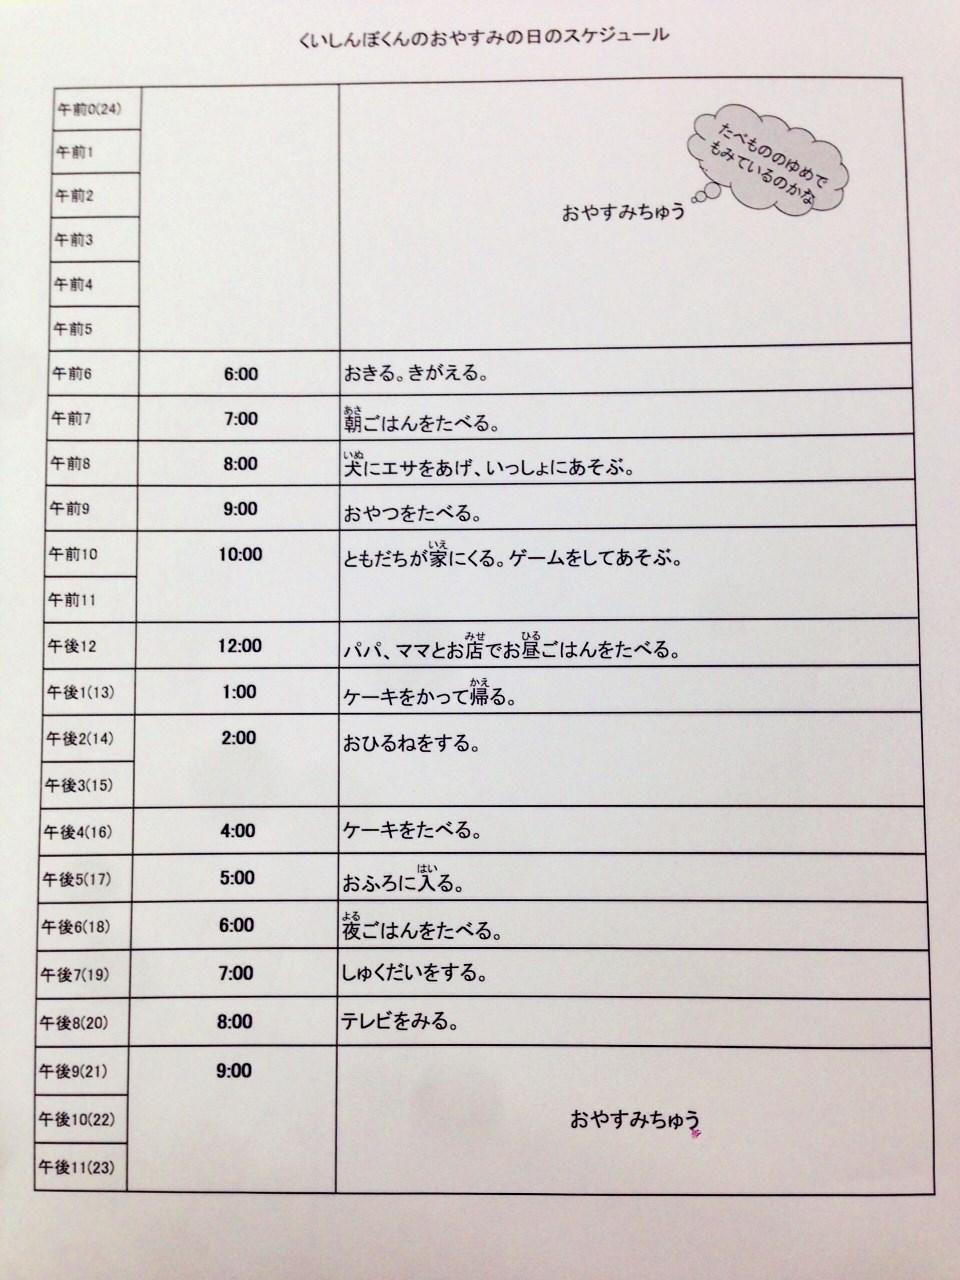 スケジュール表1